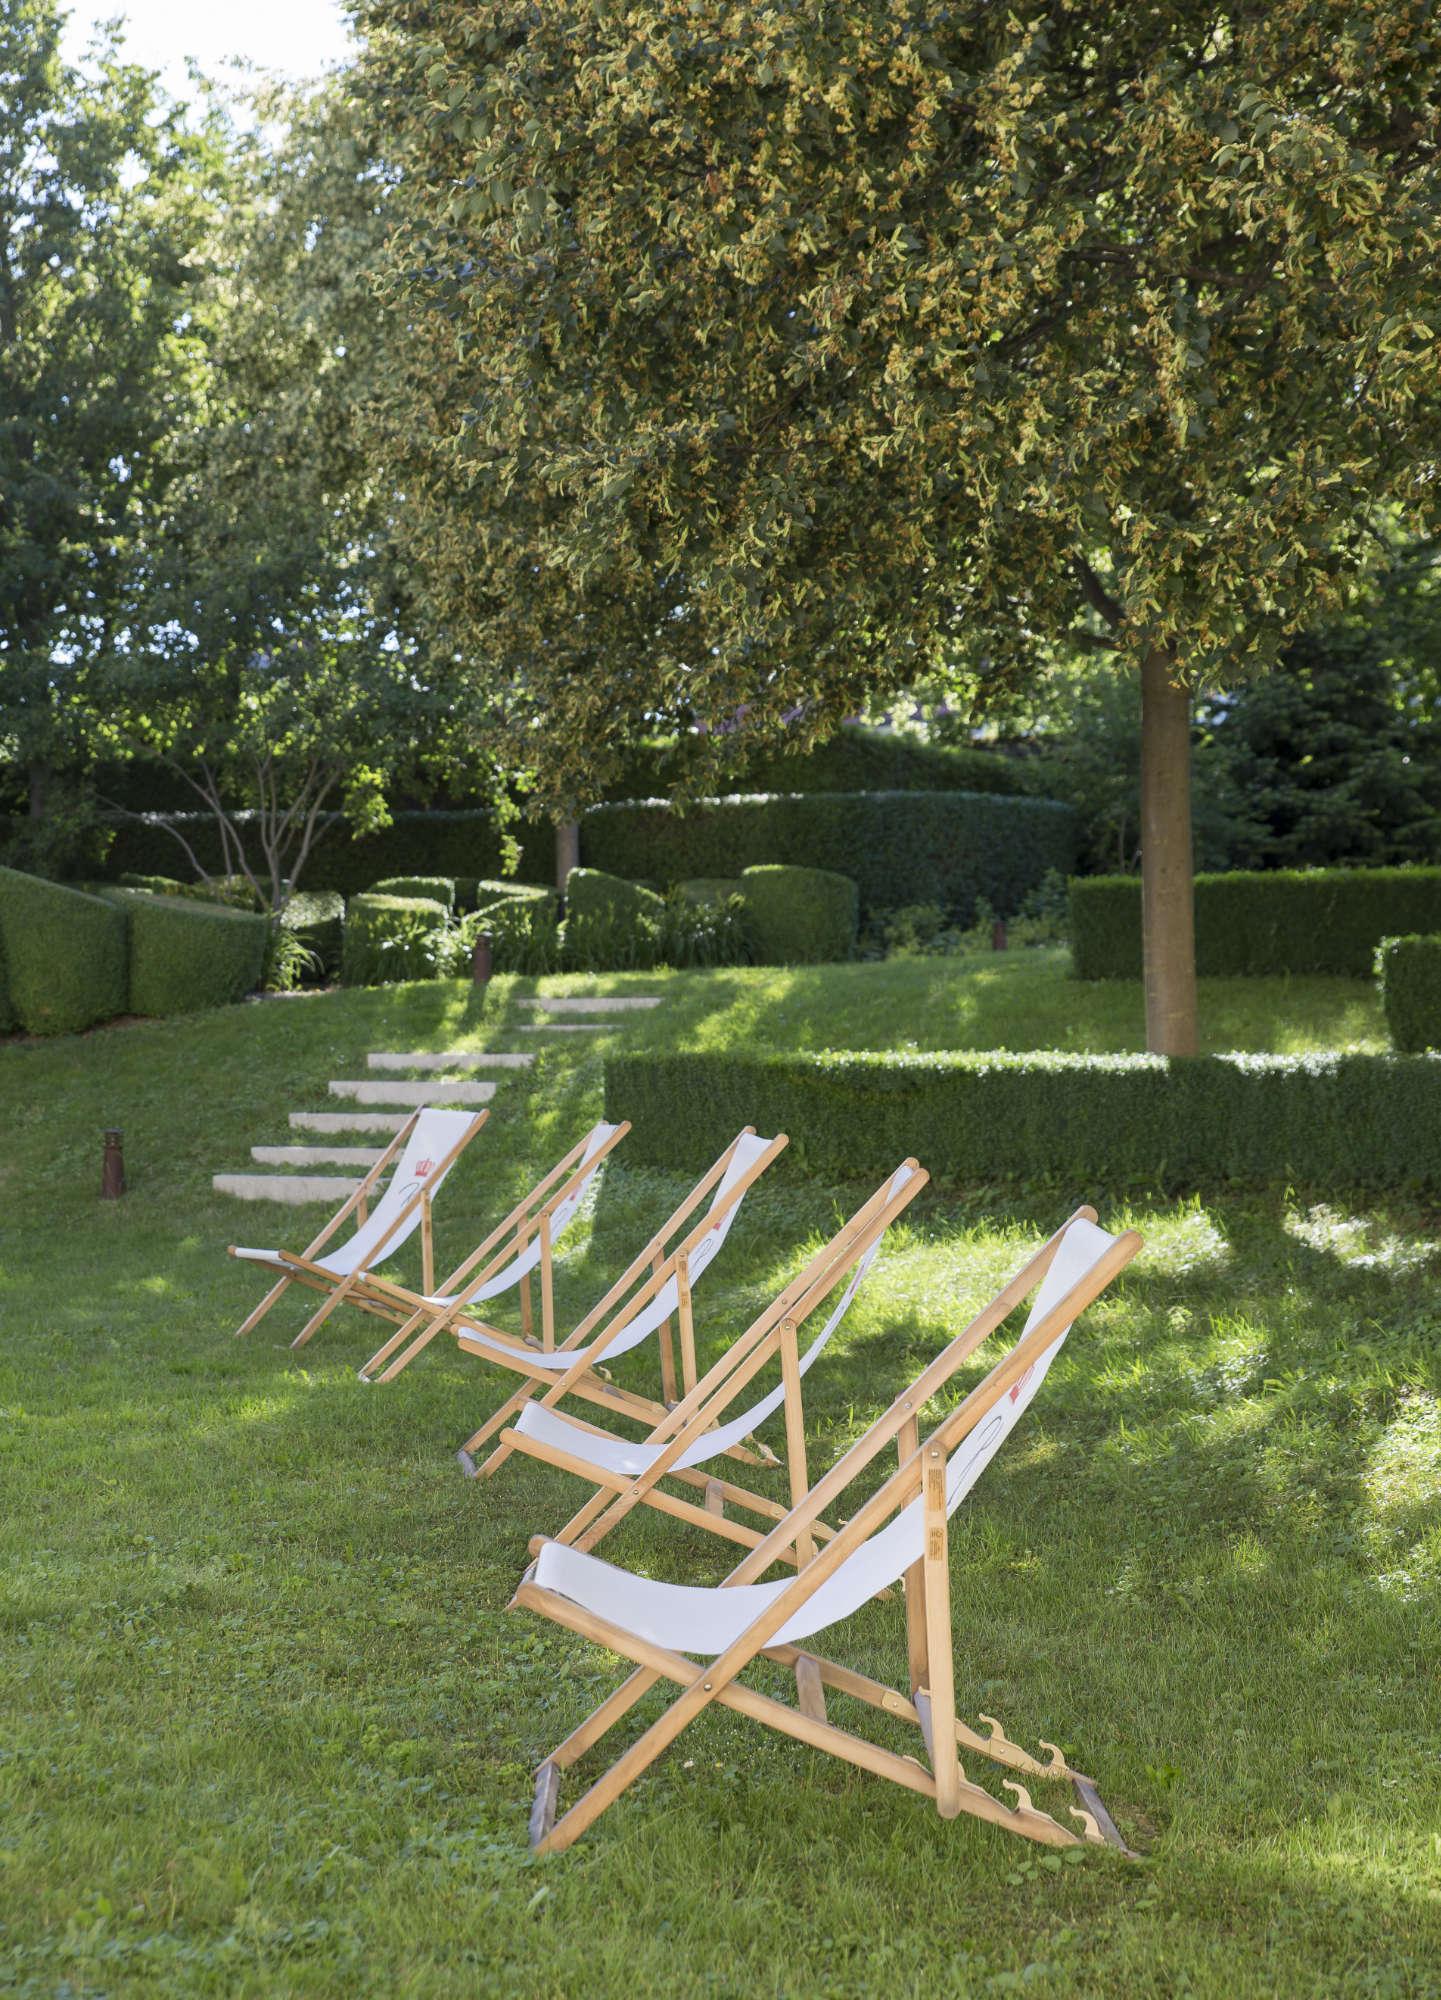 Hotel am Schlosspark zum Kurfürst Hotel garden conference deck chairs